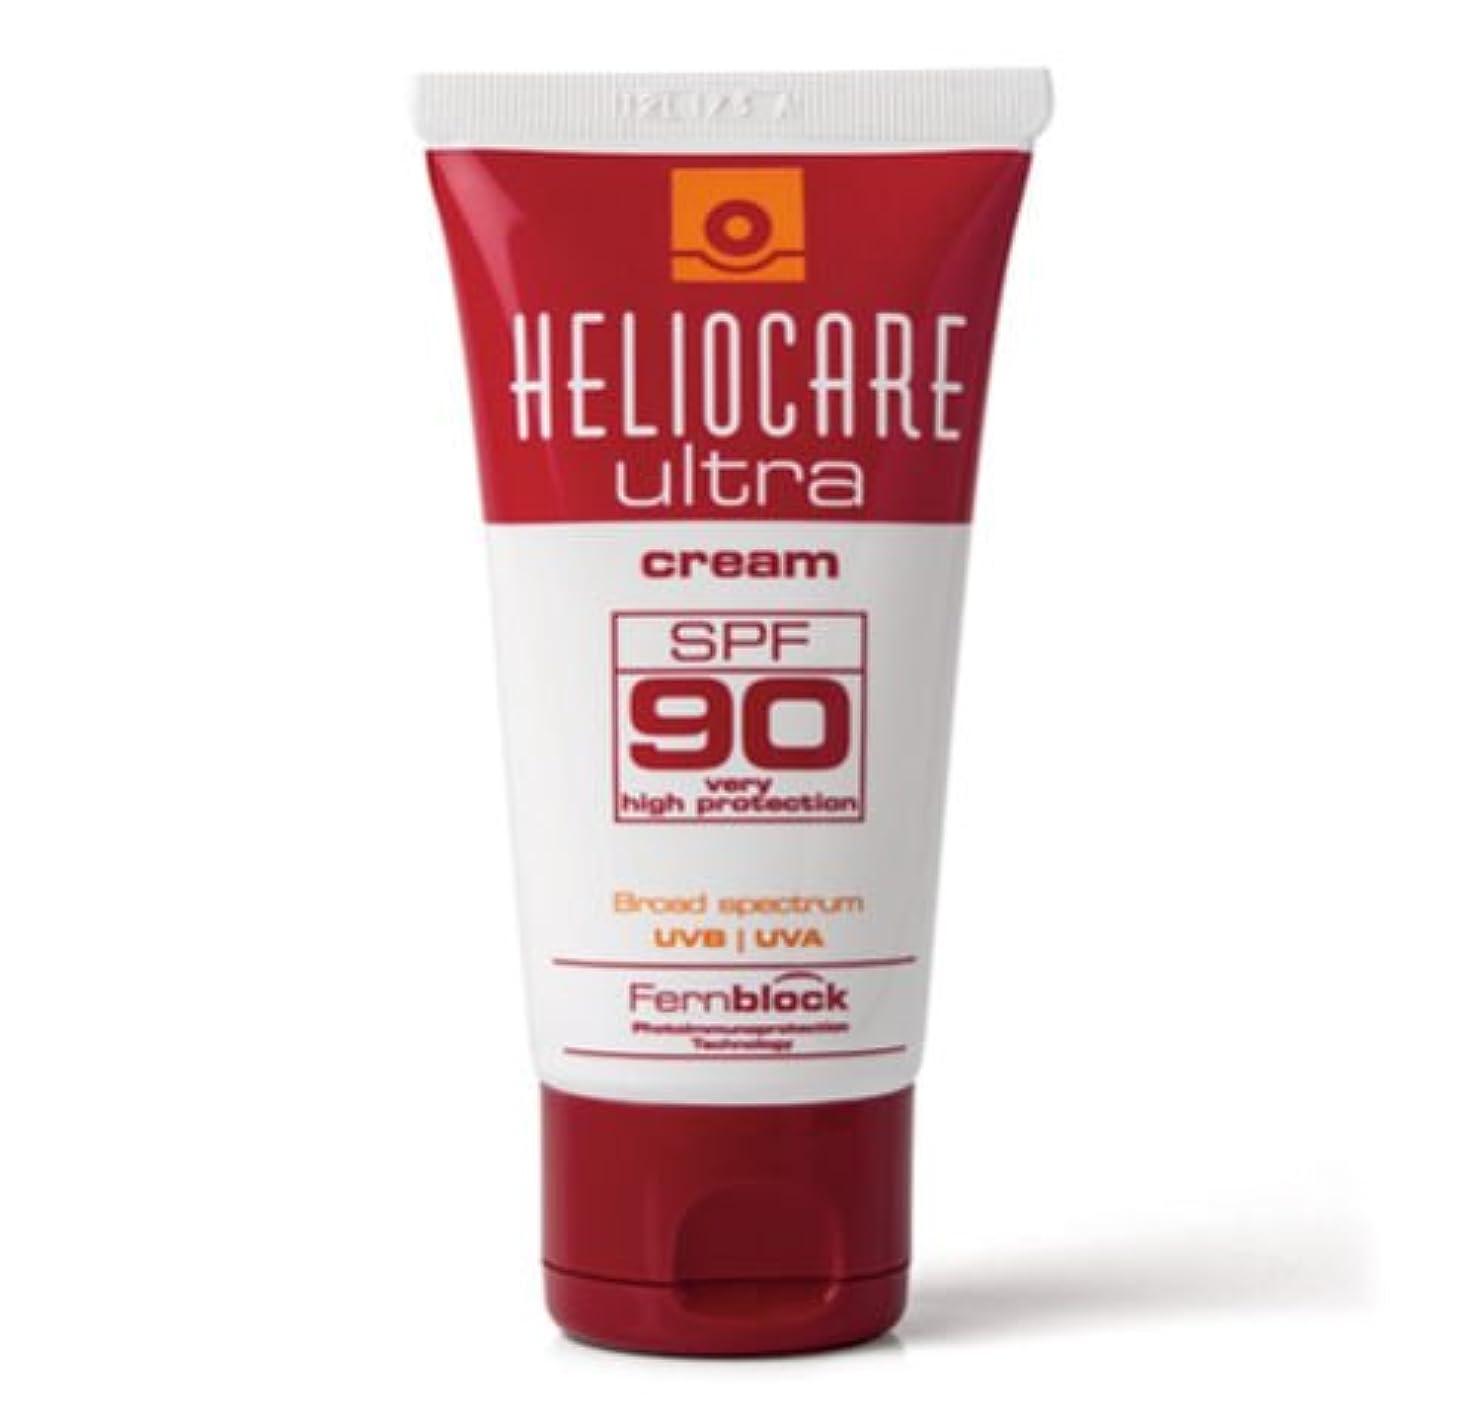 困惑したたぶん発表するヘリオケア ウルトラ 日焼け止めクリーム SPF 90 Heliocare Ultra 90 Crema [並行輸入品]